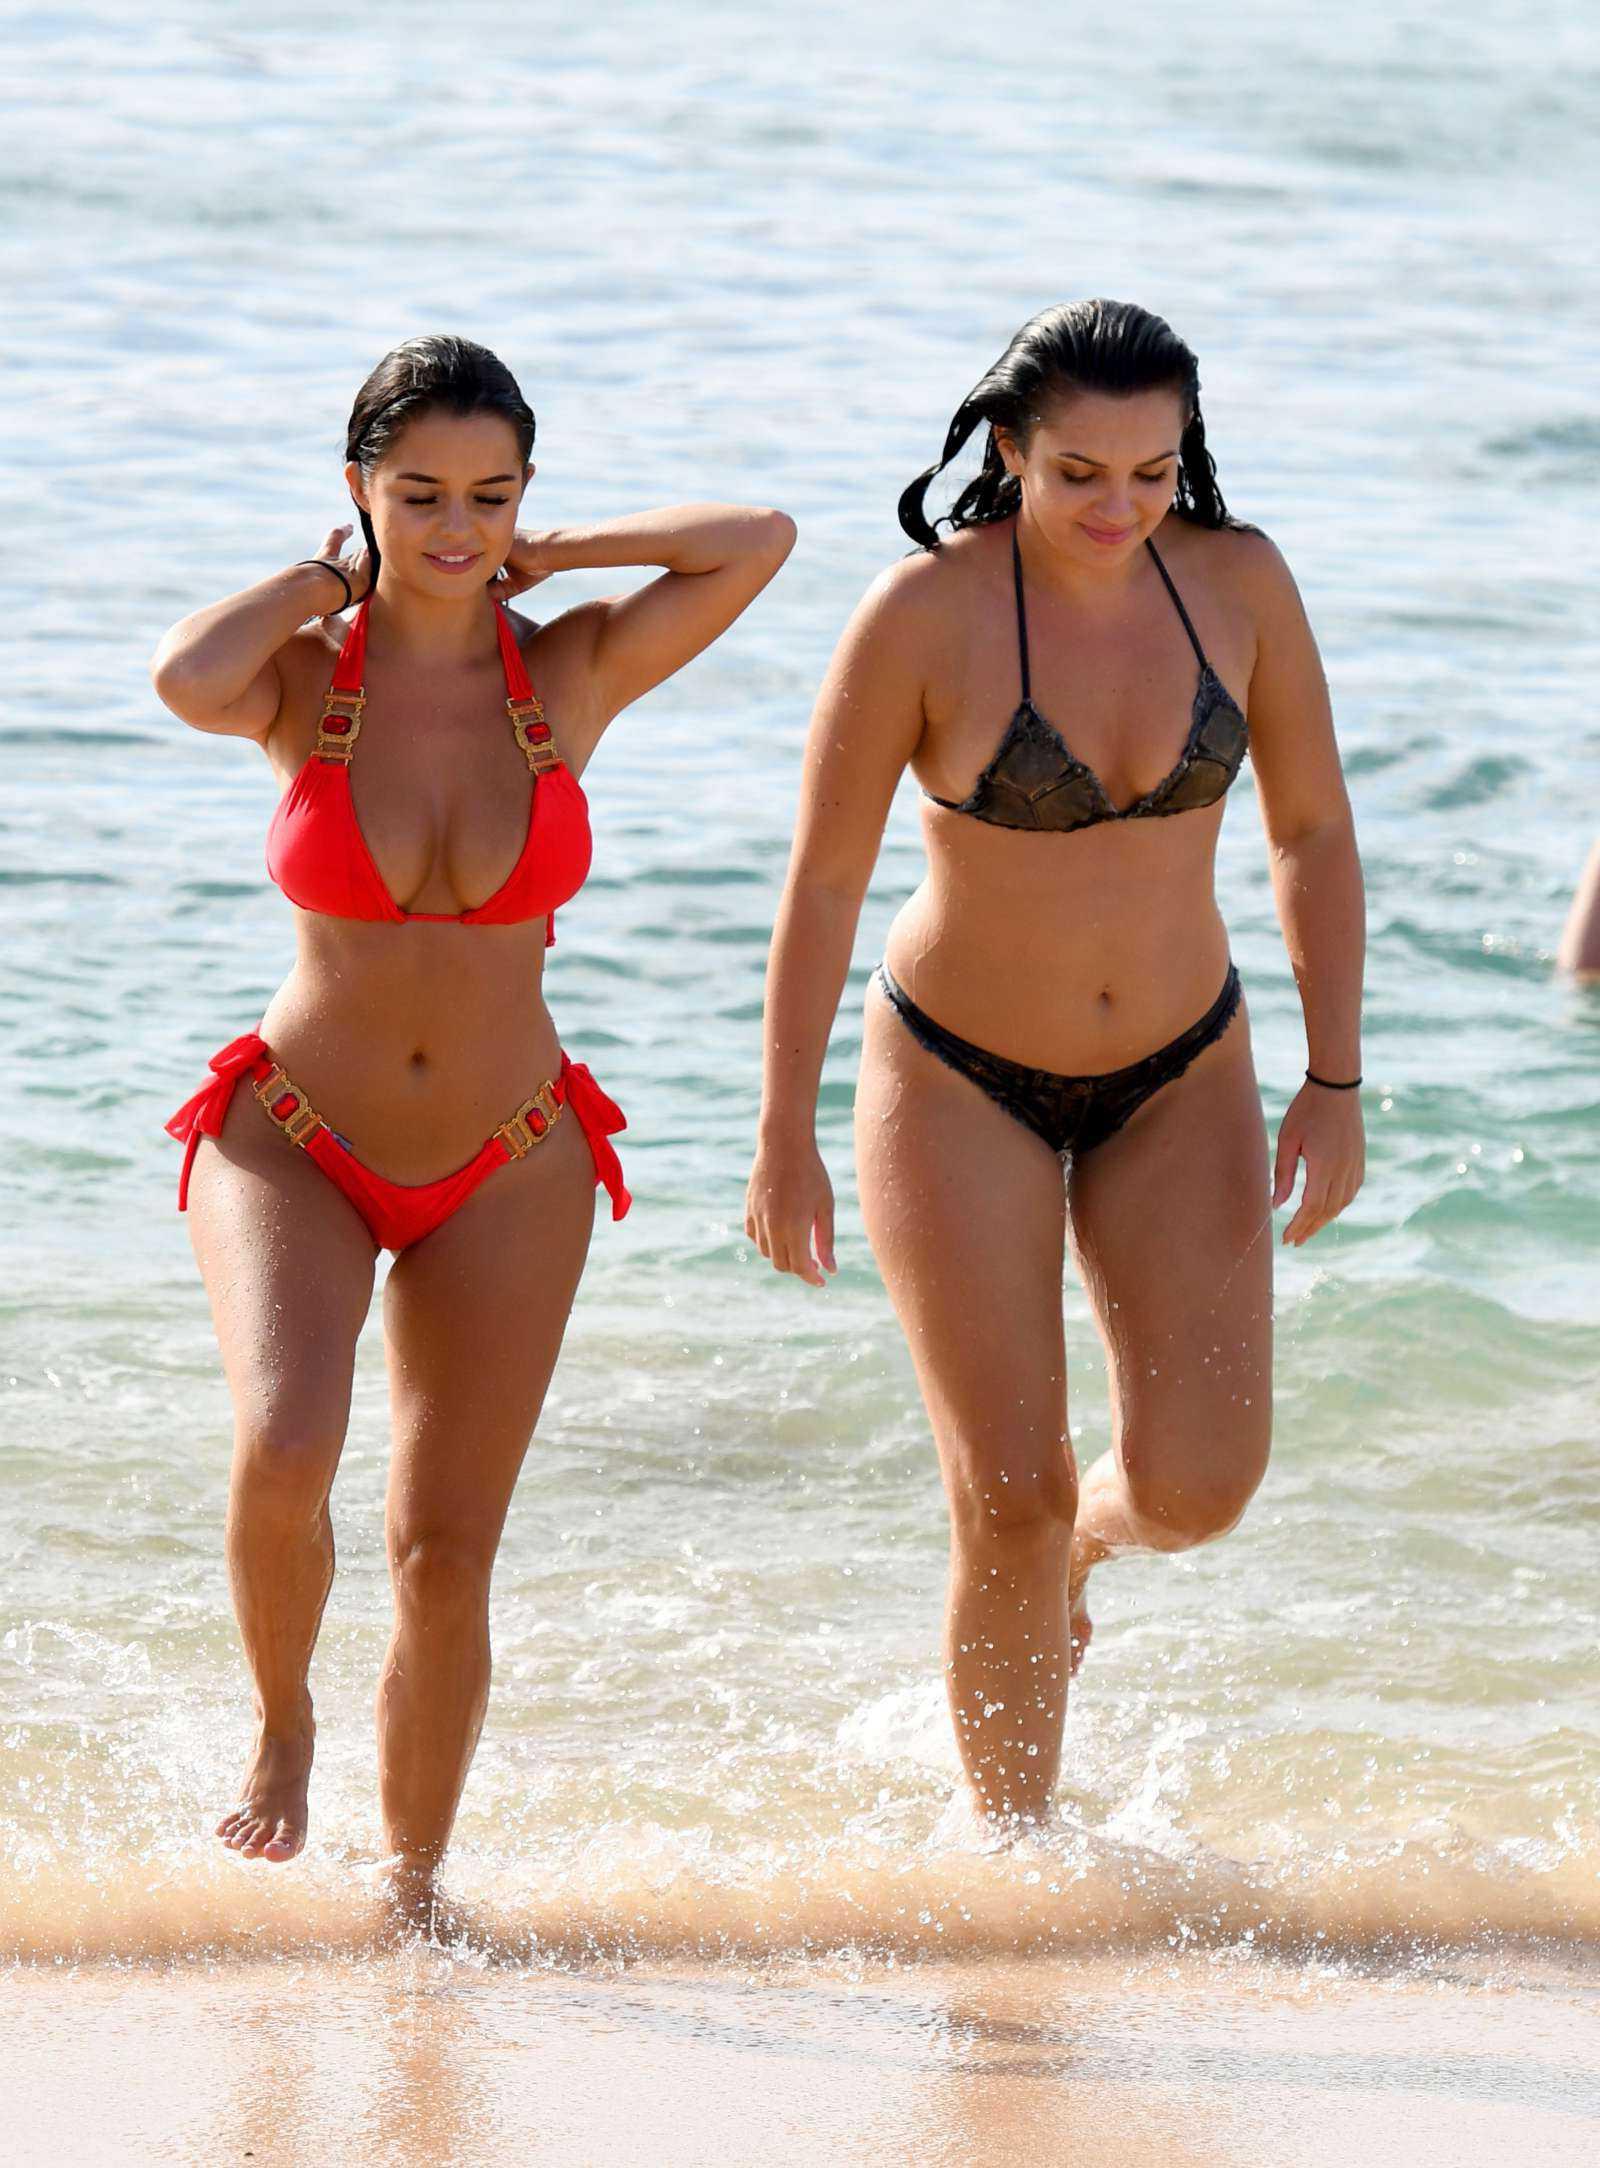 Деми Роуз и Александра Луиза Кейн в купальниках на пляже в Кабо-Верде